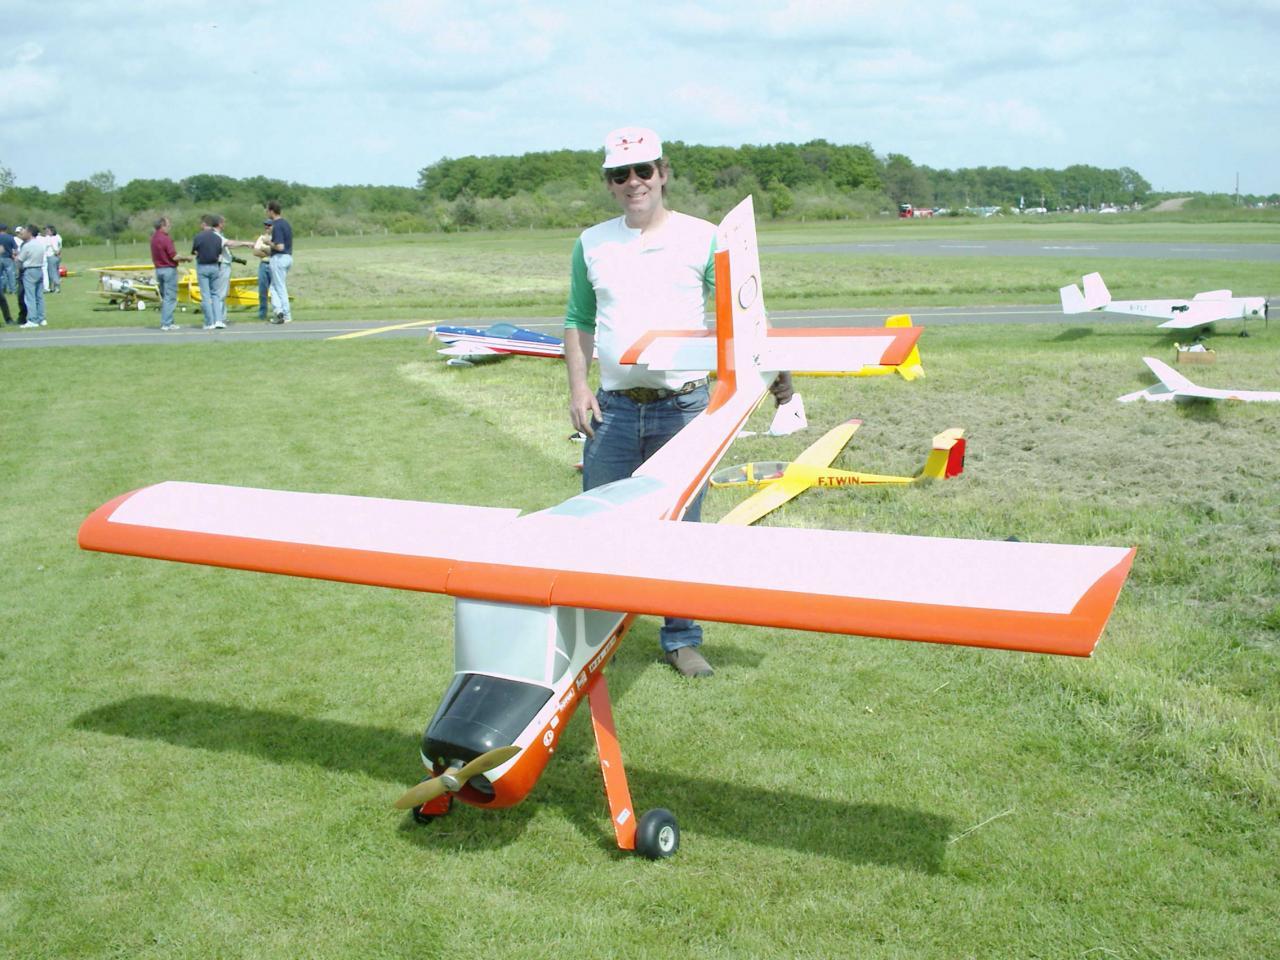 PZL 104 - WILGA